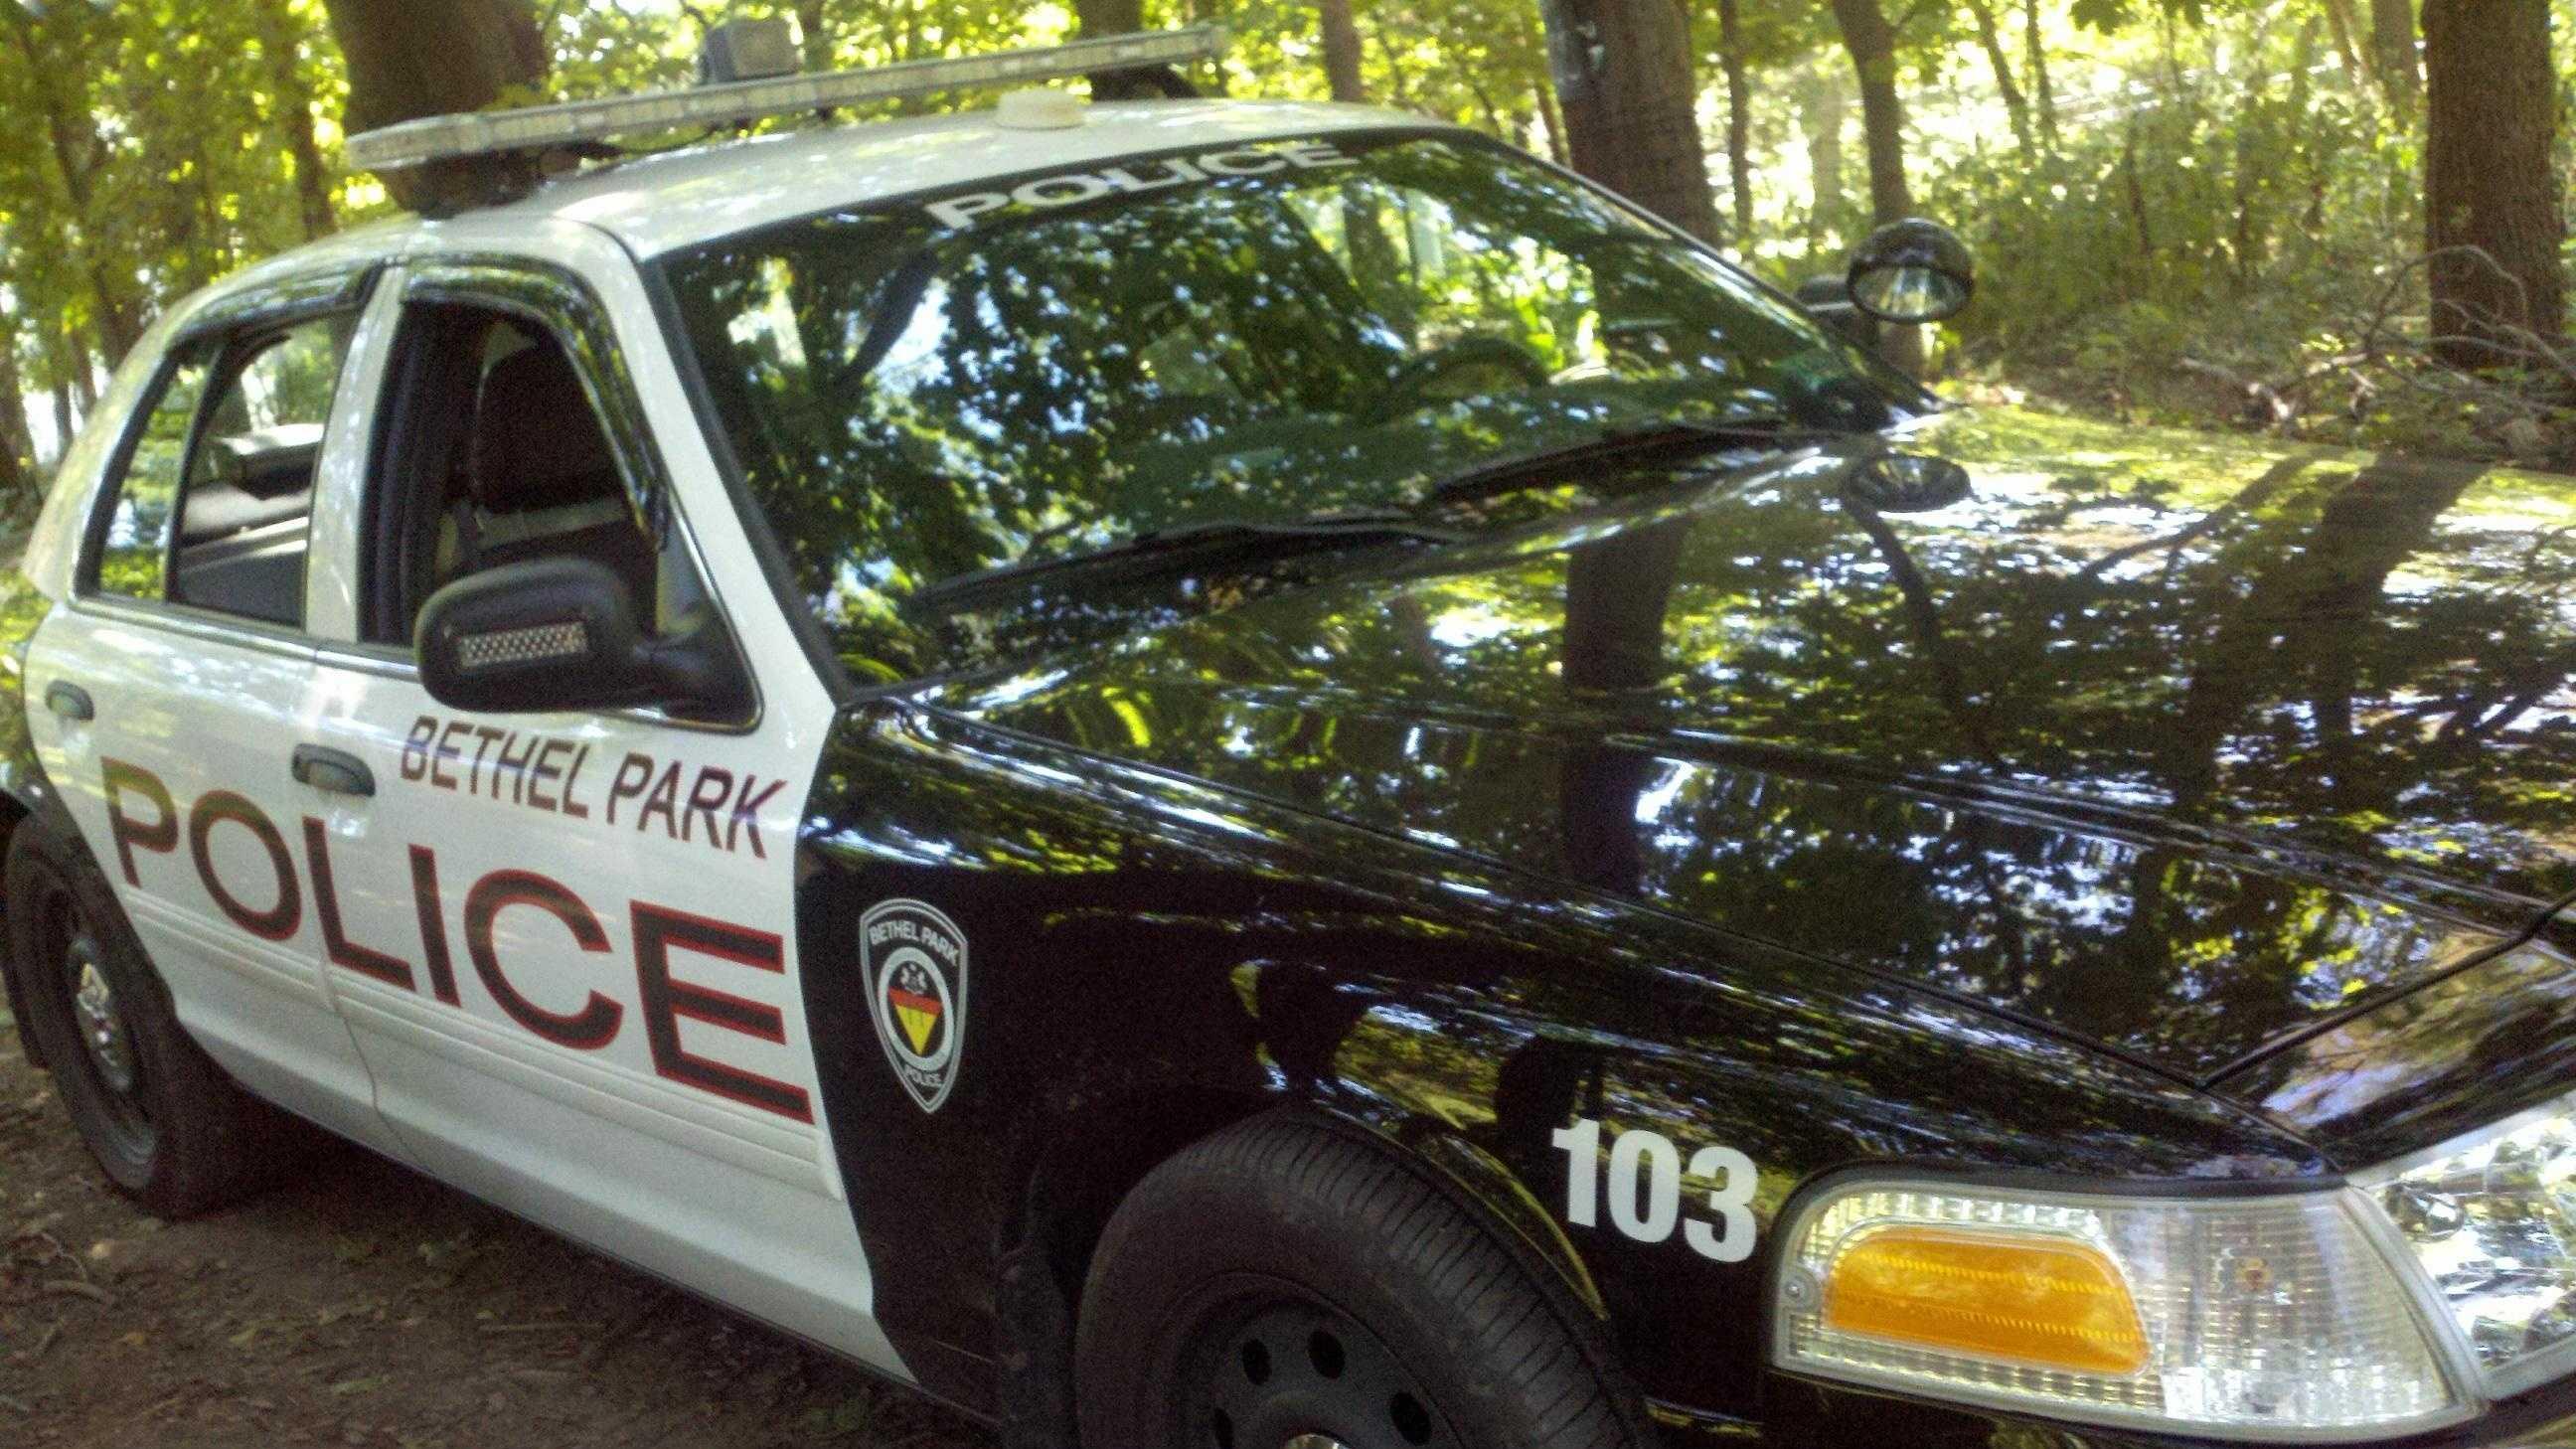 Bethel Park police car